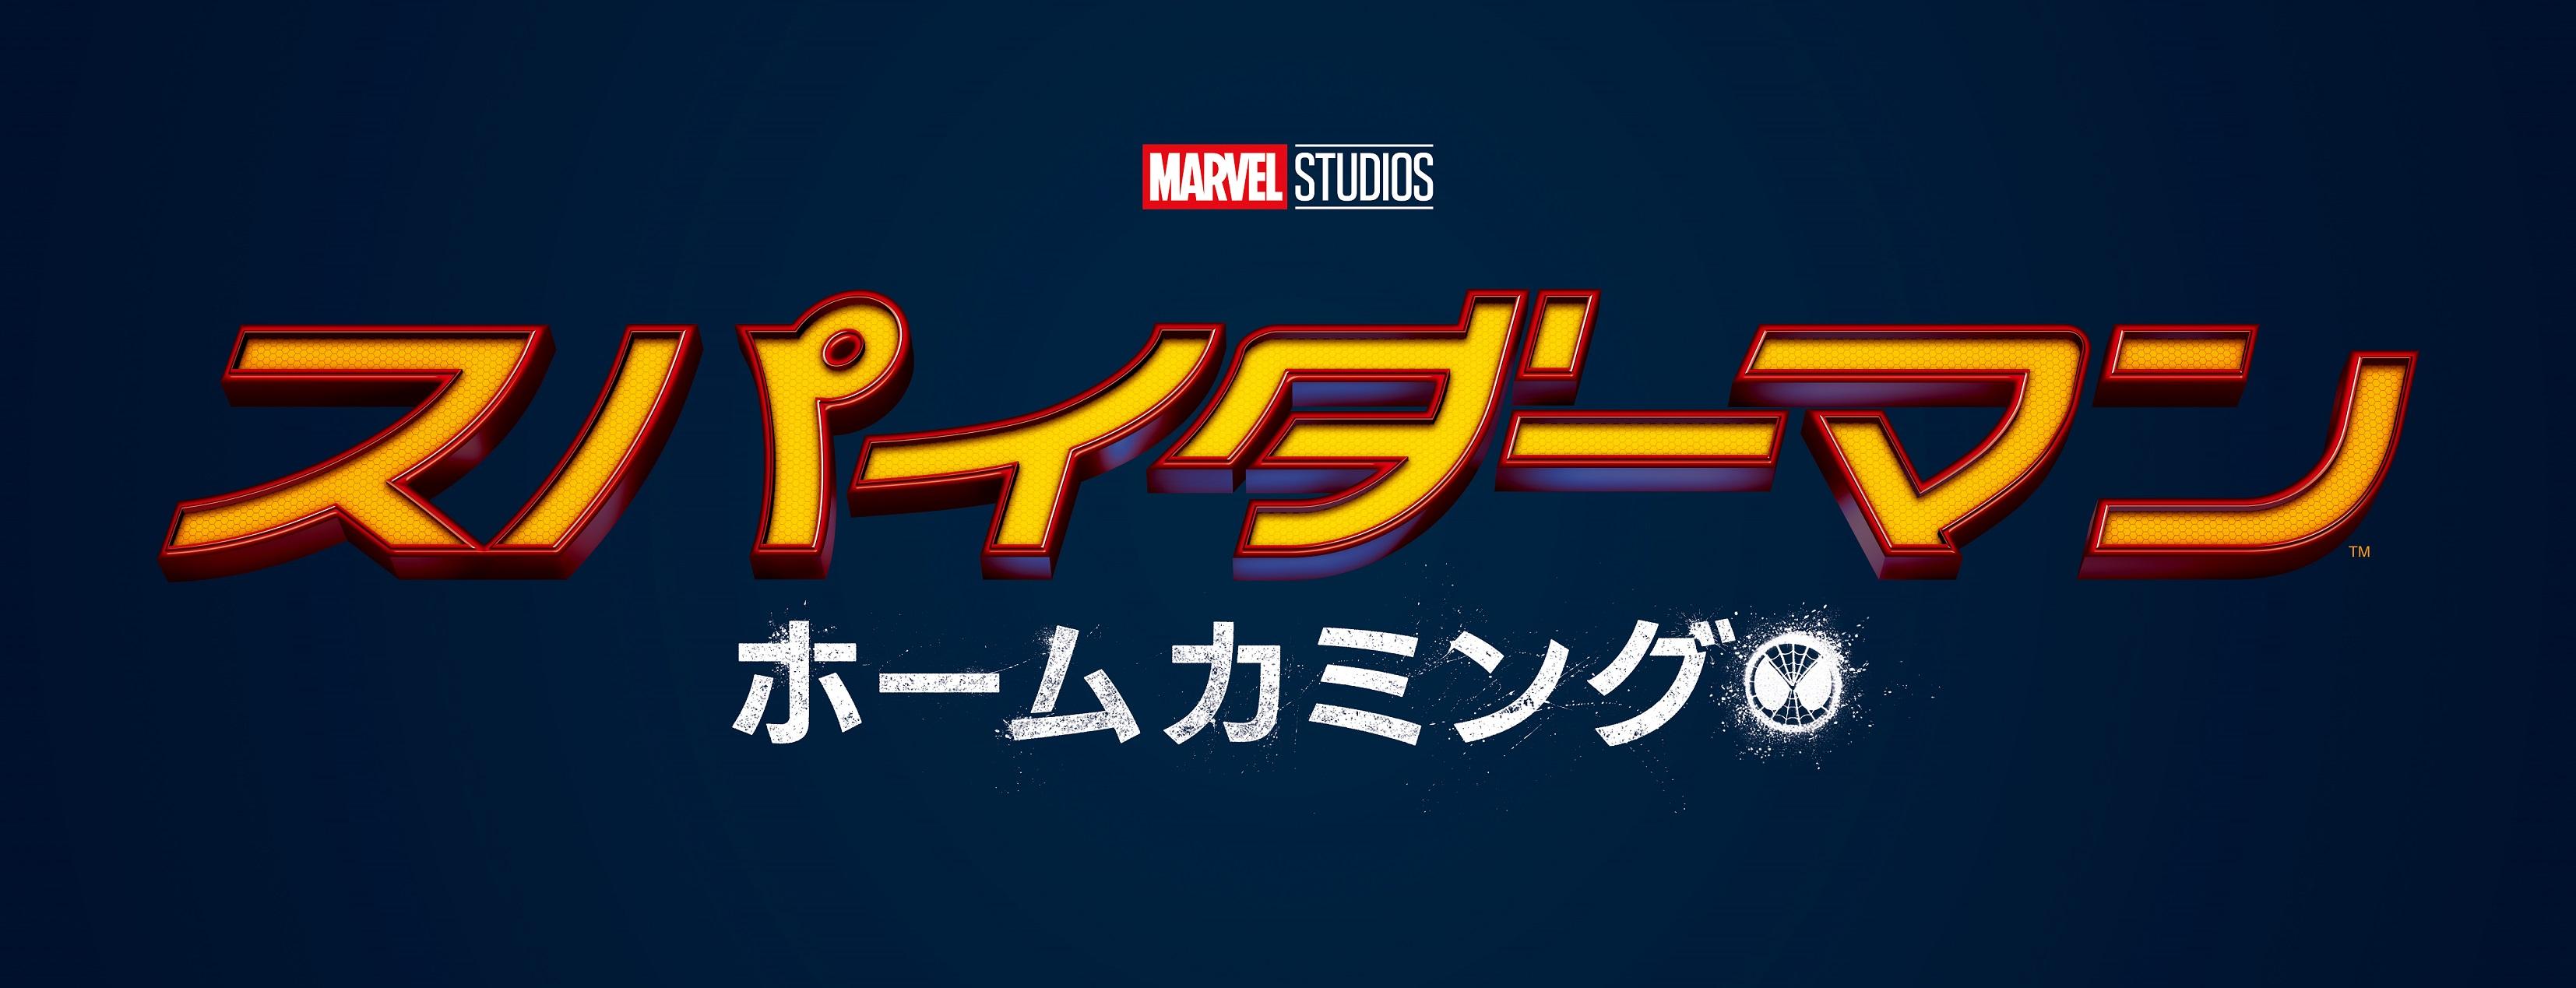 全世界が待望するスパイダーマン新シリーズ『スパイダーマン:ホームカミング』が2017年8月11日